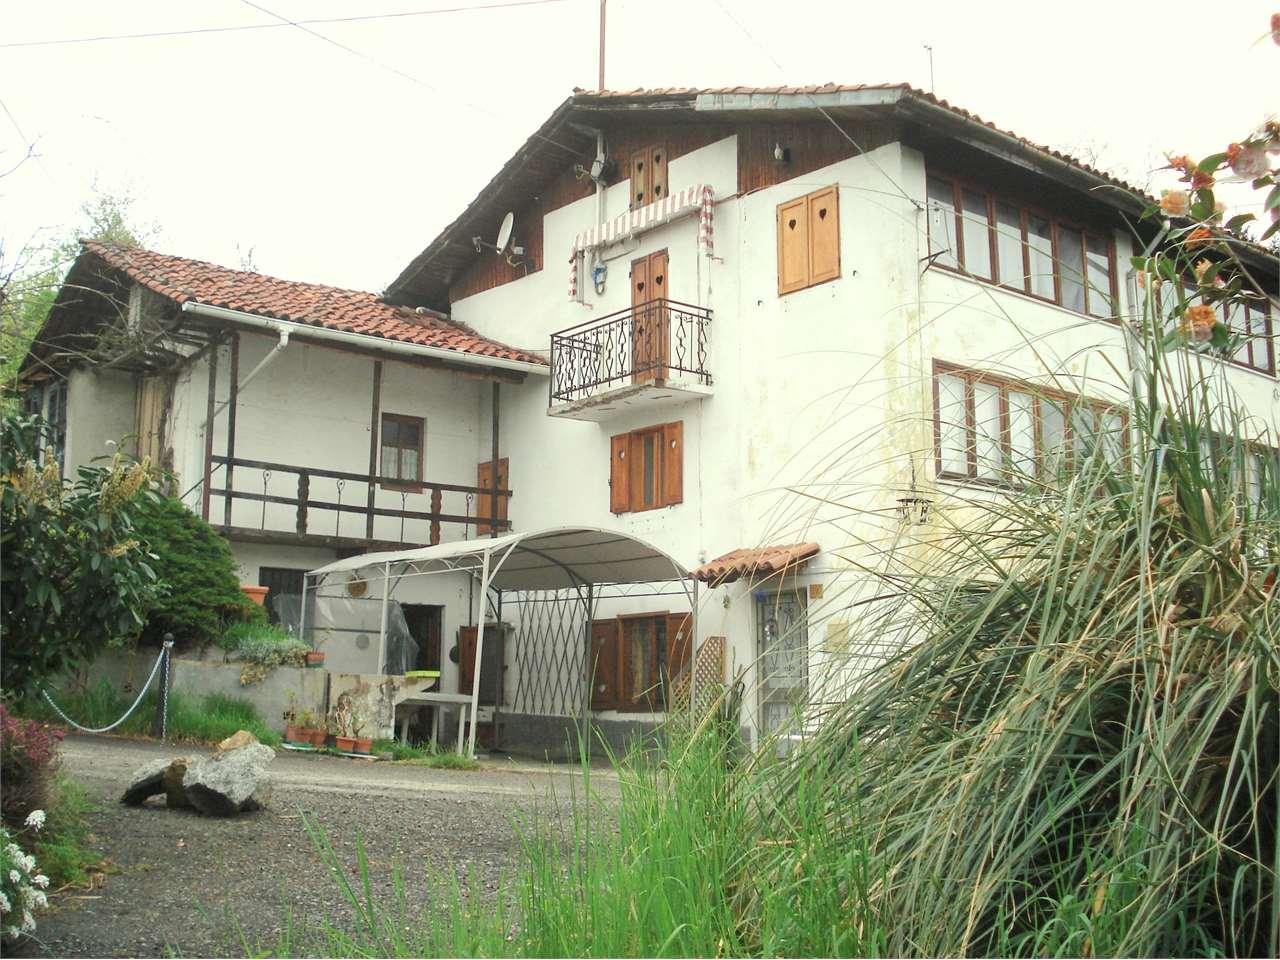 Soluzione Indipendente in vendita a Pralungo, 20 locali, prezzo € 149.000 | Cambio Casa.it